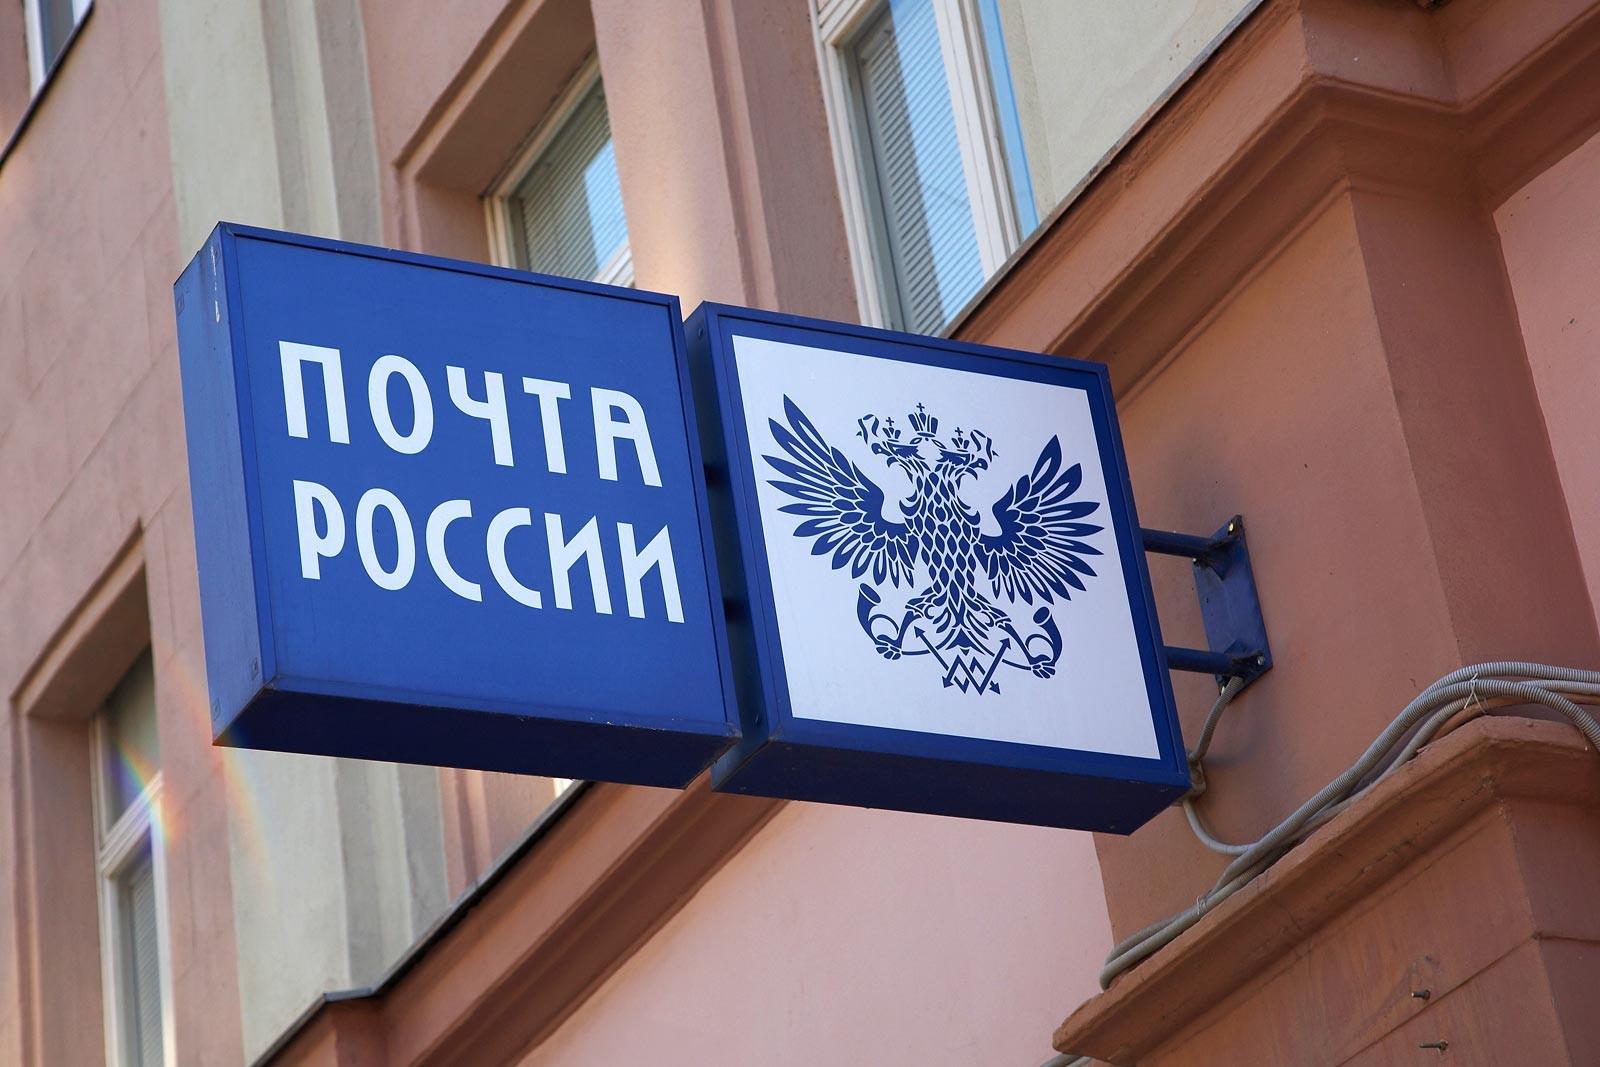 Волжанин отсудил 133 тыс. рублей у'Почты России за потерянный iPhone